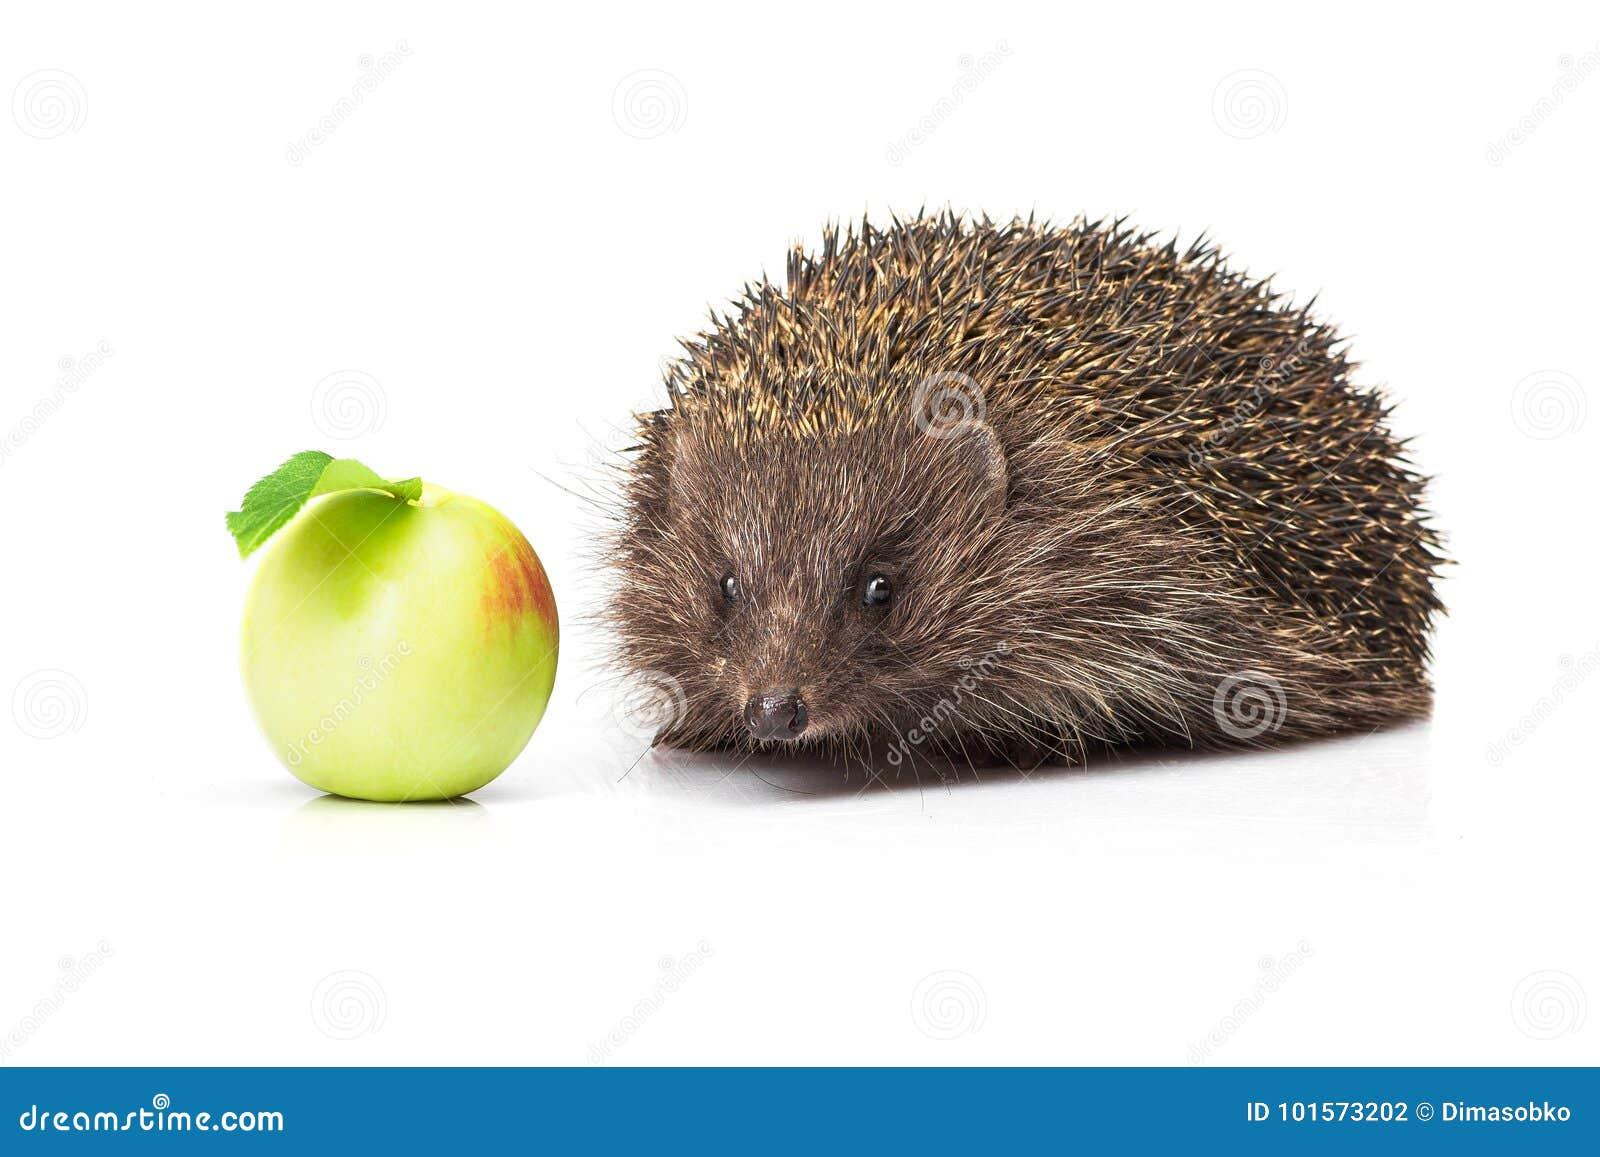 Jabłko - zielony jeż